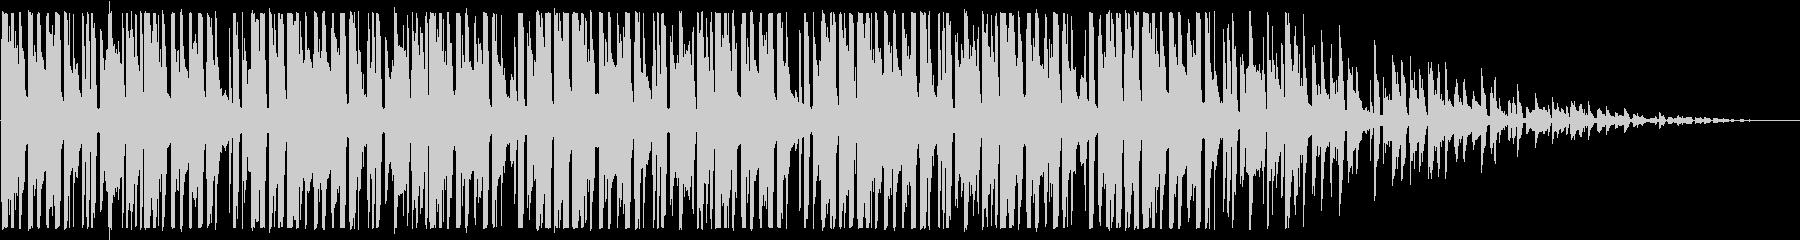 ビートの強いヒップホップ_No445_5の未再生の波形